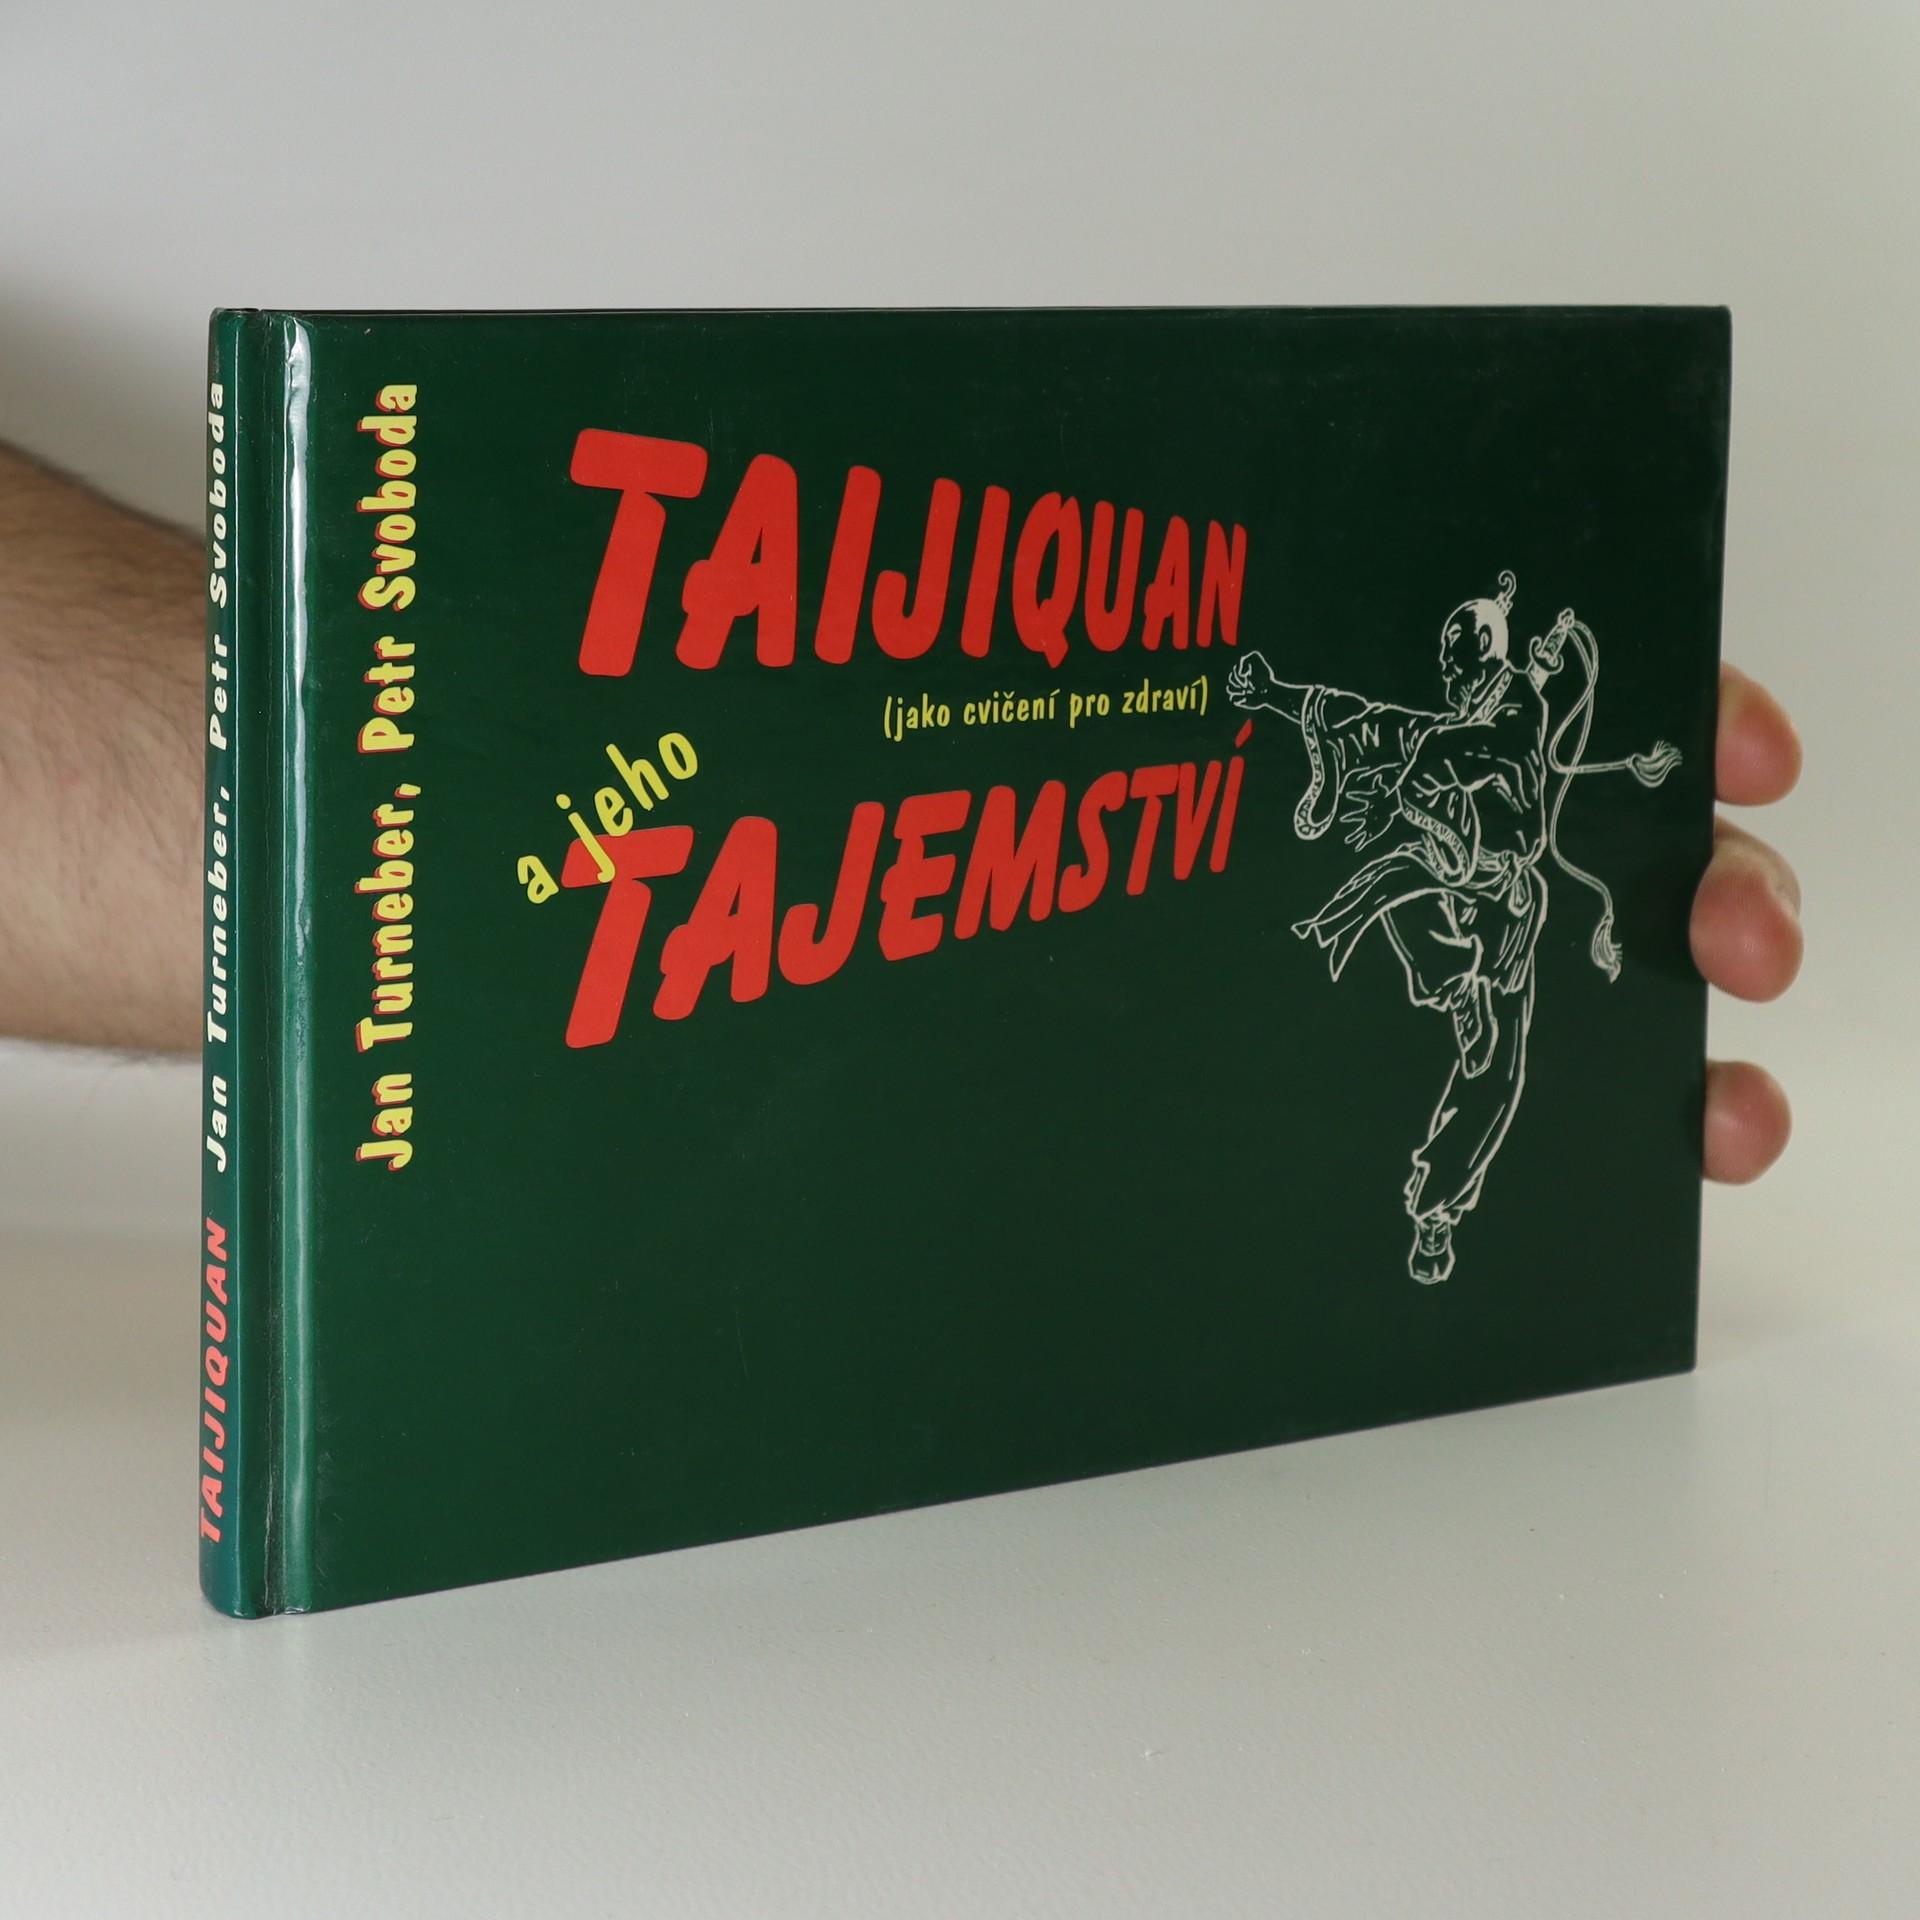 antikvární kniha Taijiquan a jeho tajemství (jako cvičení pro zdraví). (věnování autorů), 1996